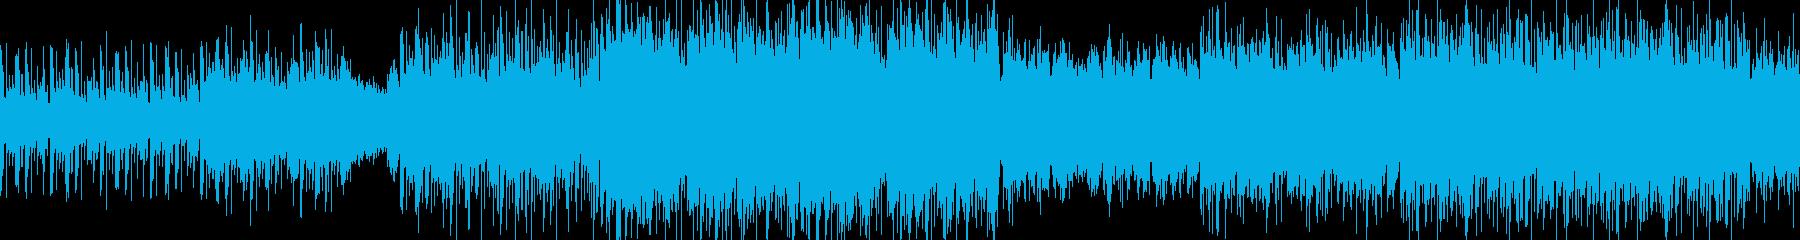 走り抜ける疾走感のあるデジタルロックの再生済みの波形